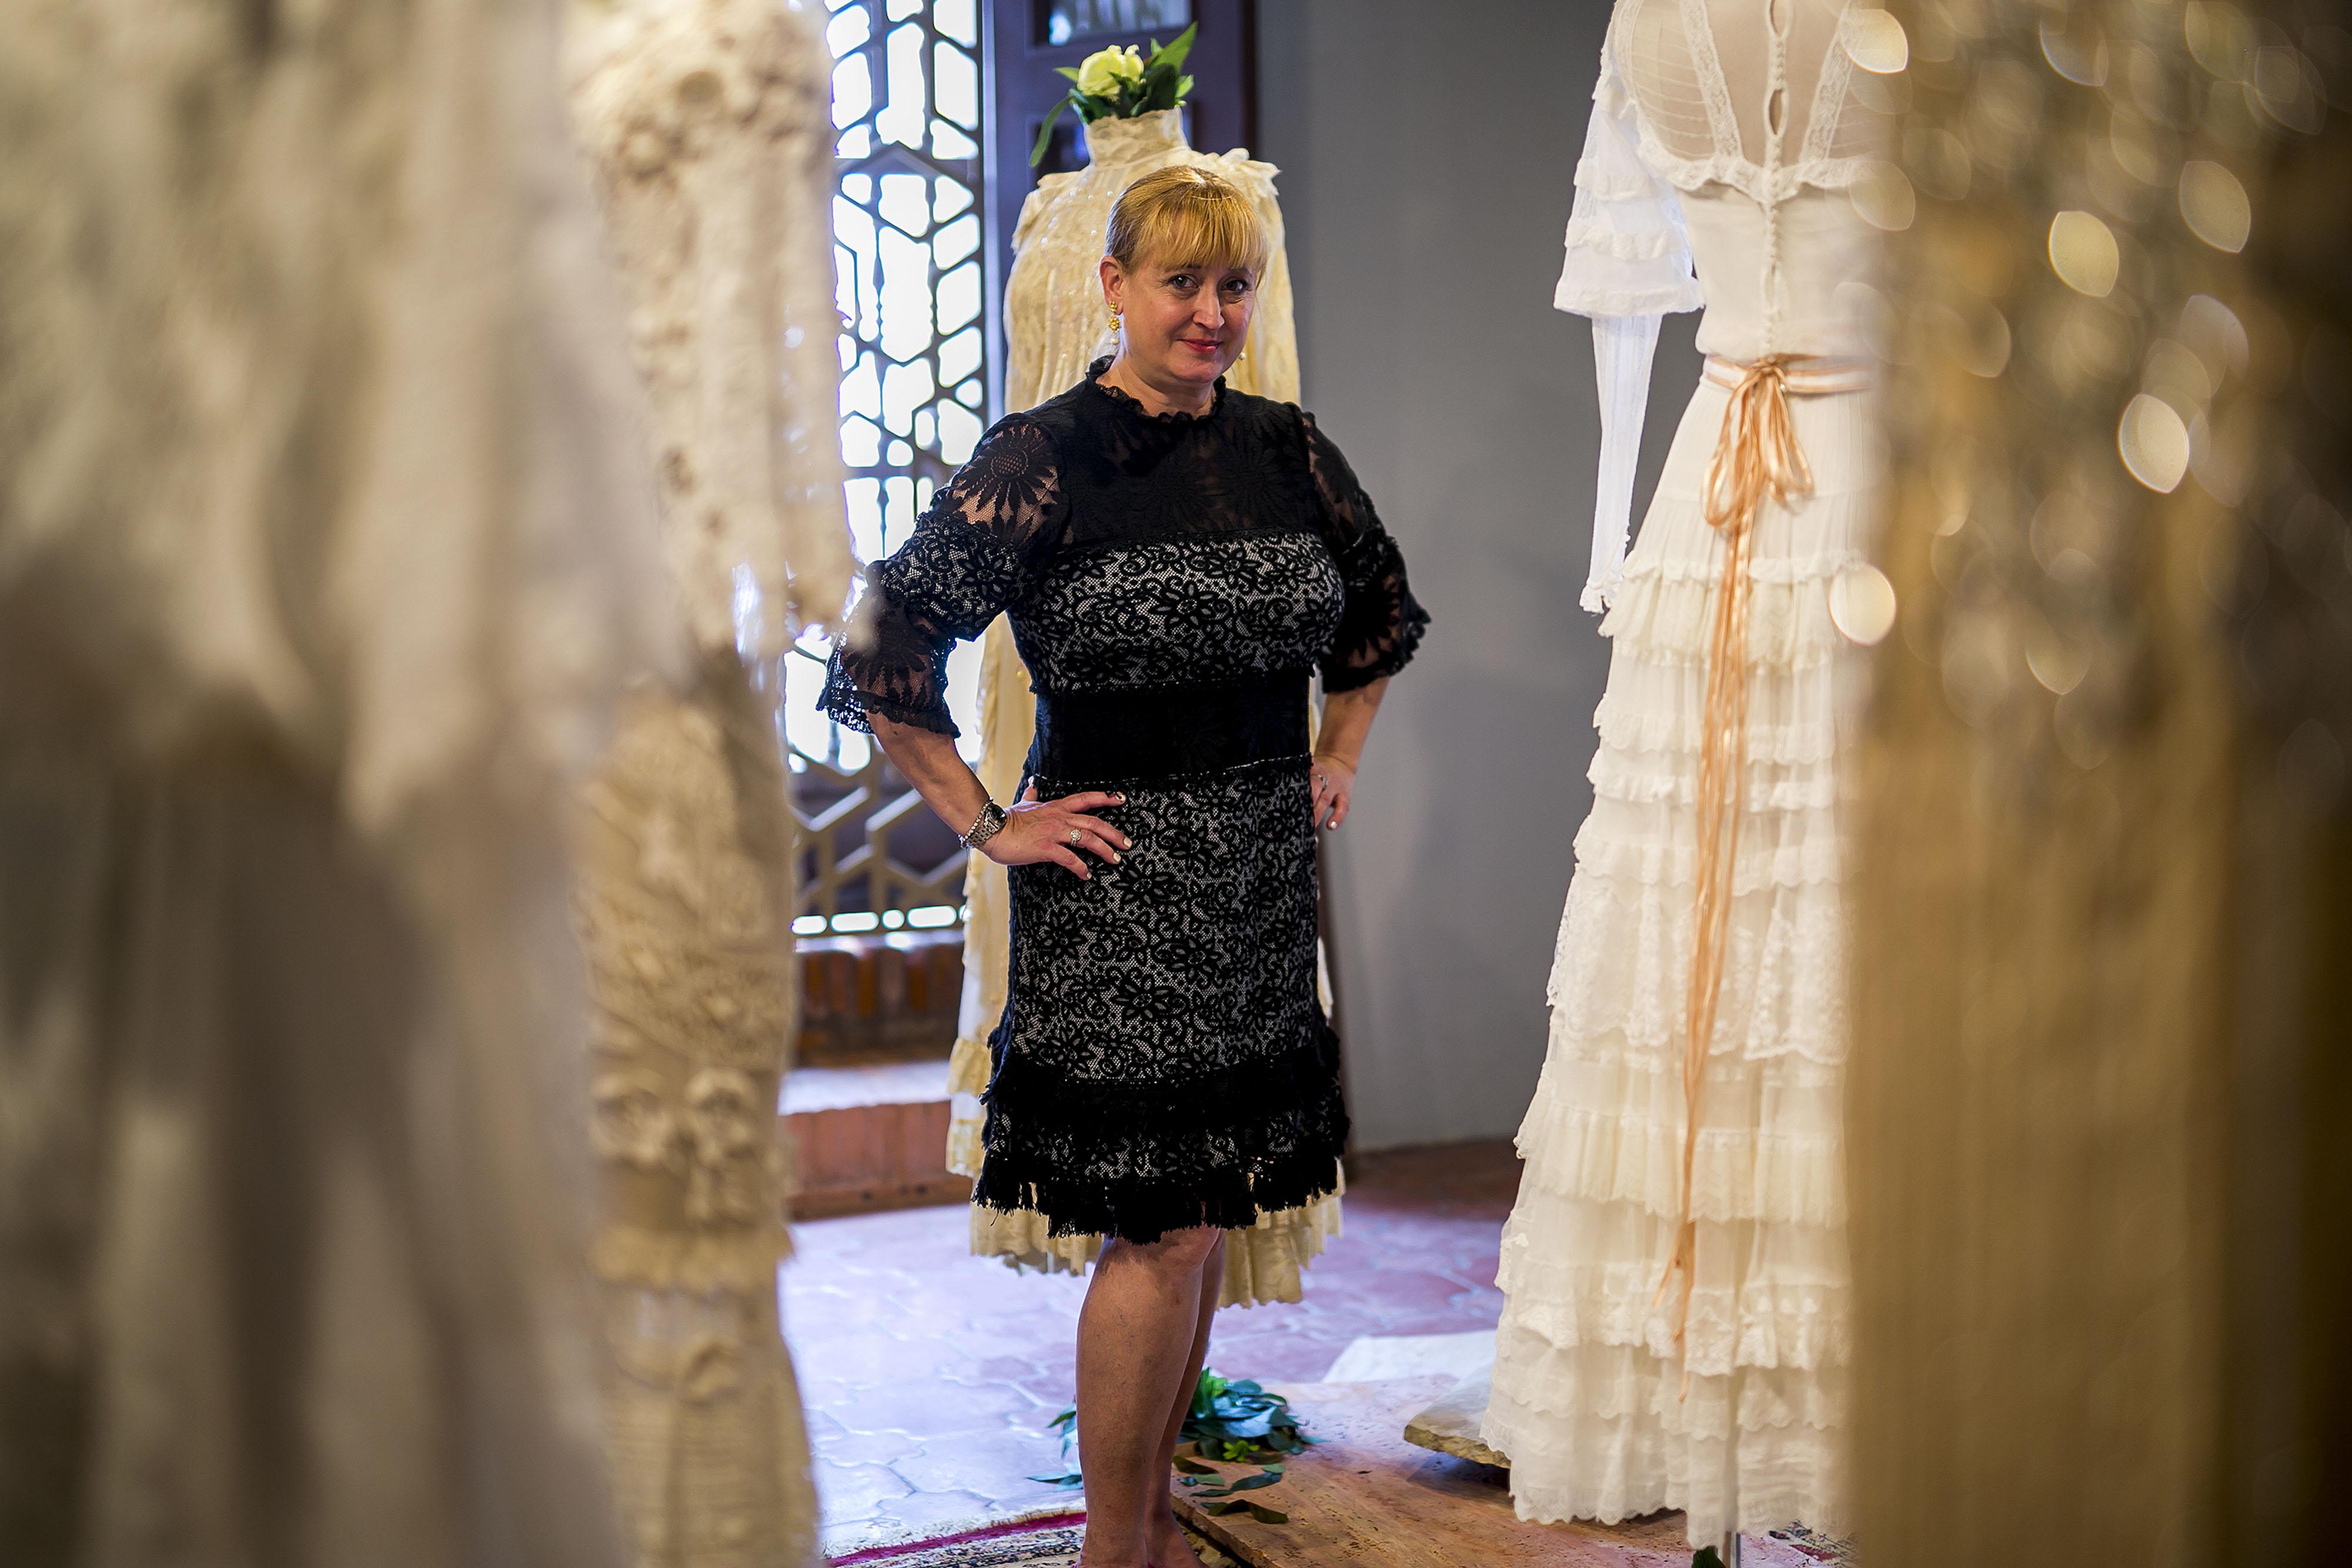 Tanto la exposición como el libro fueron creados por Lisa Cappalli, hija de la diseñadora y artista Mili Arango. (Foto: Xavier García)